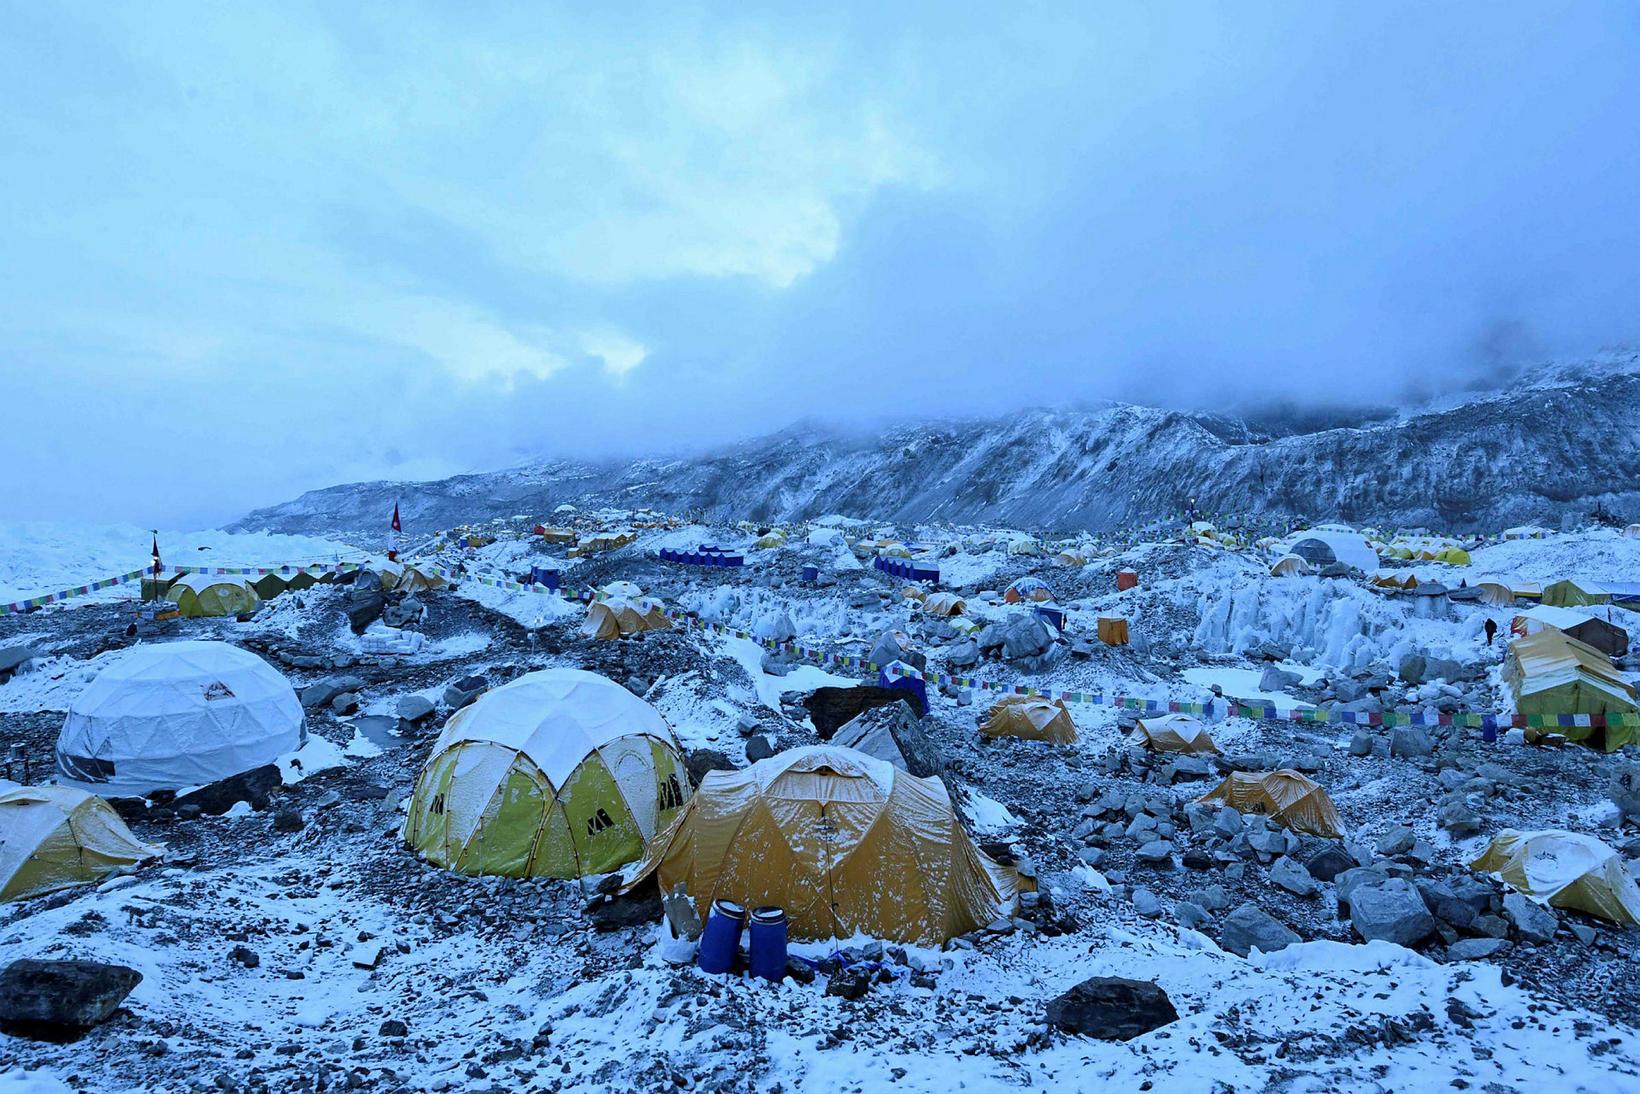 Grunnbúðir Everest 1. maí 2021.